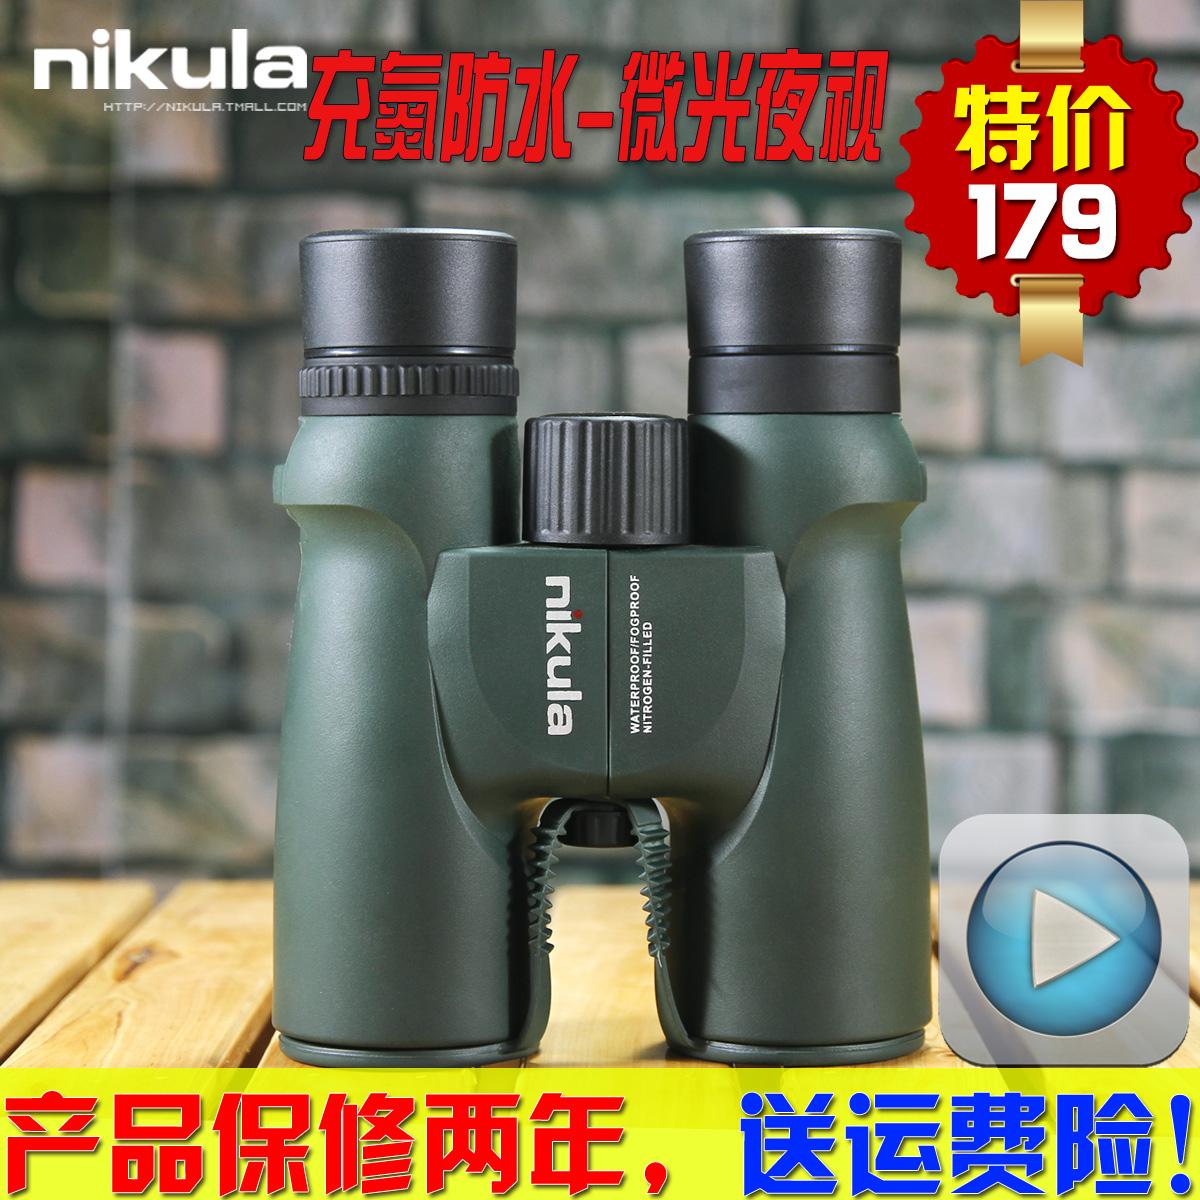 Бинокли / Телескопы Артикул 530413653438